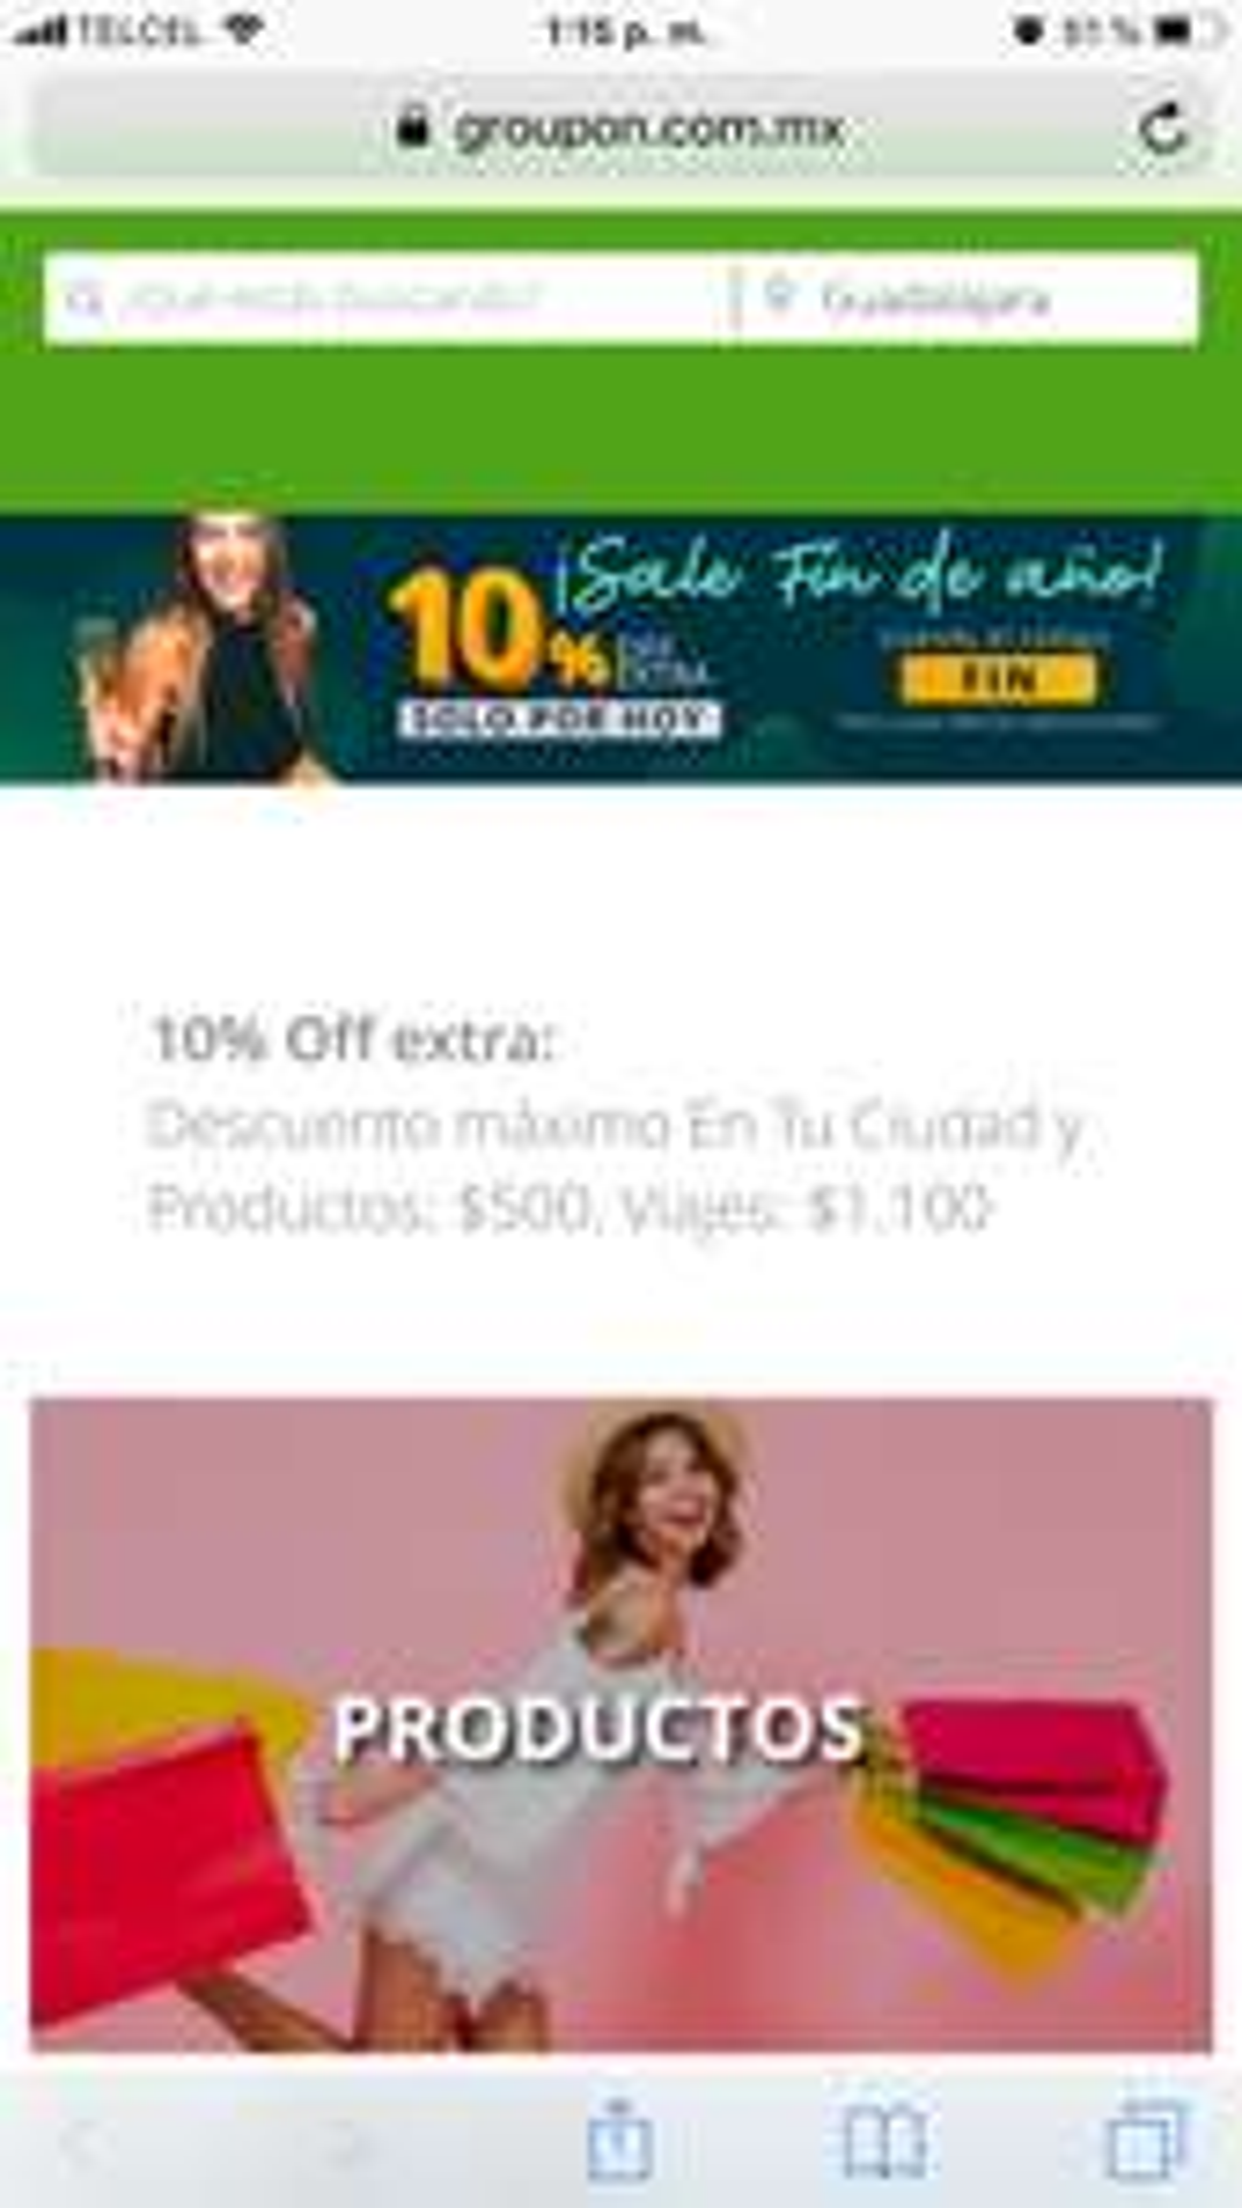 Groupon: 10% EXTRA